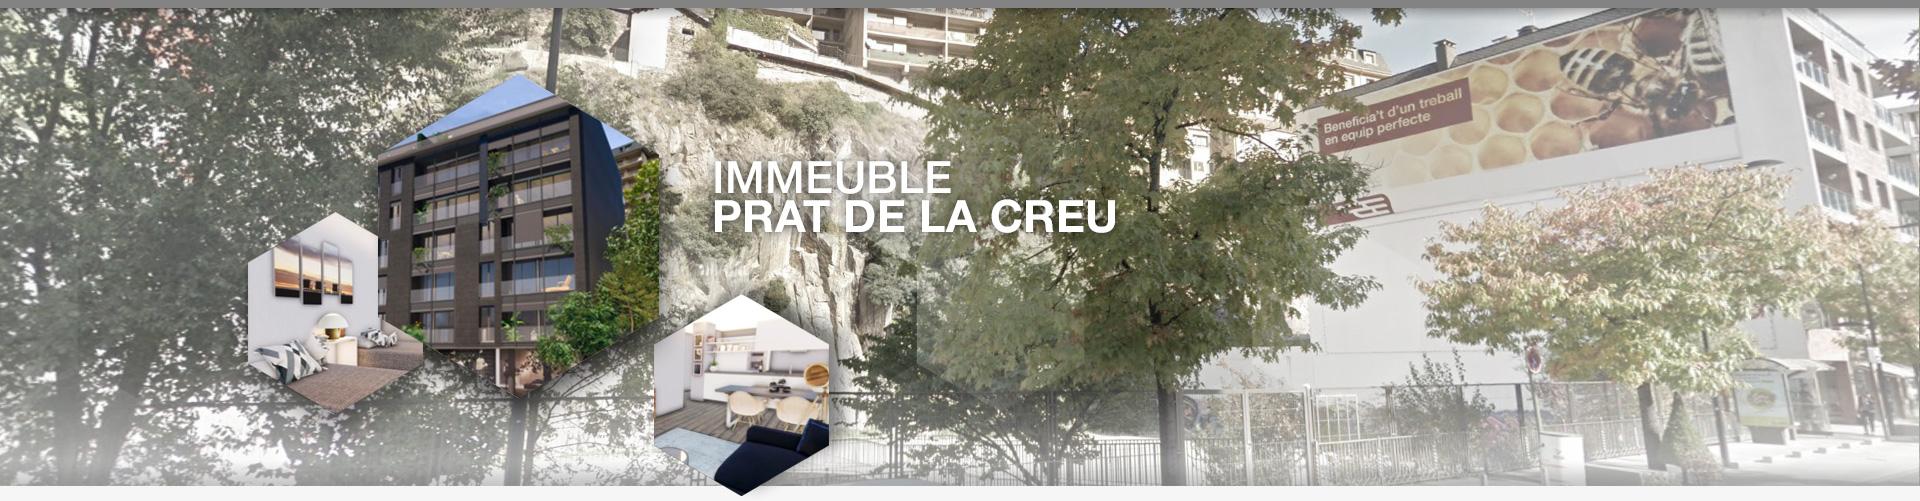 slide_venda_prat_de_la_creu-fr